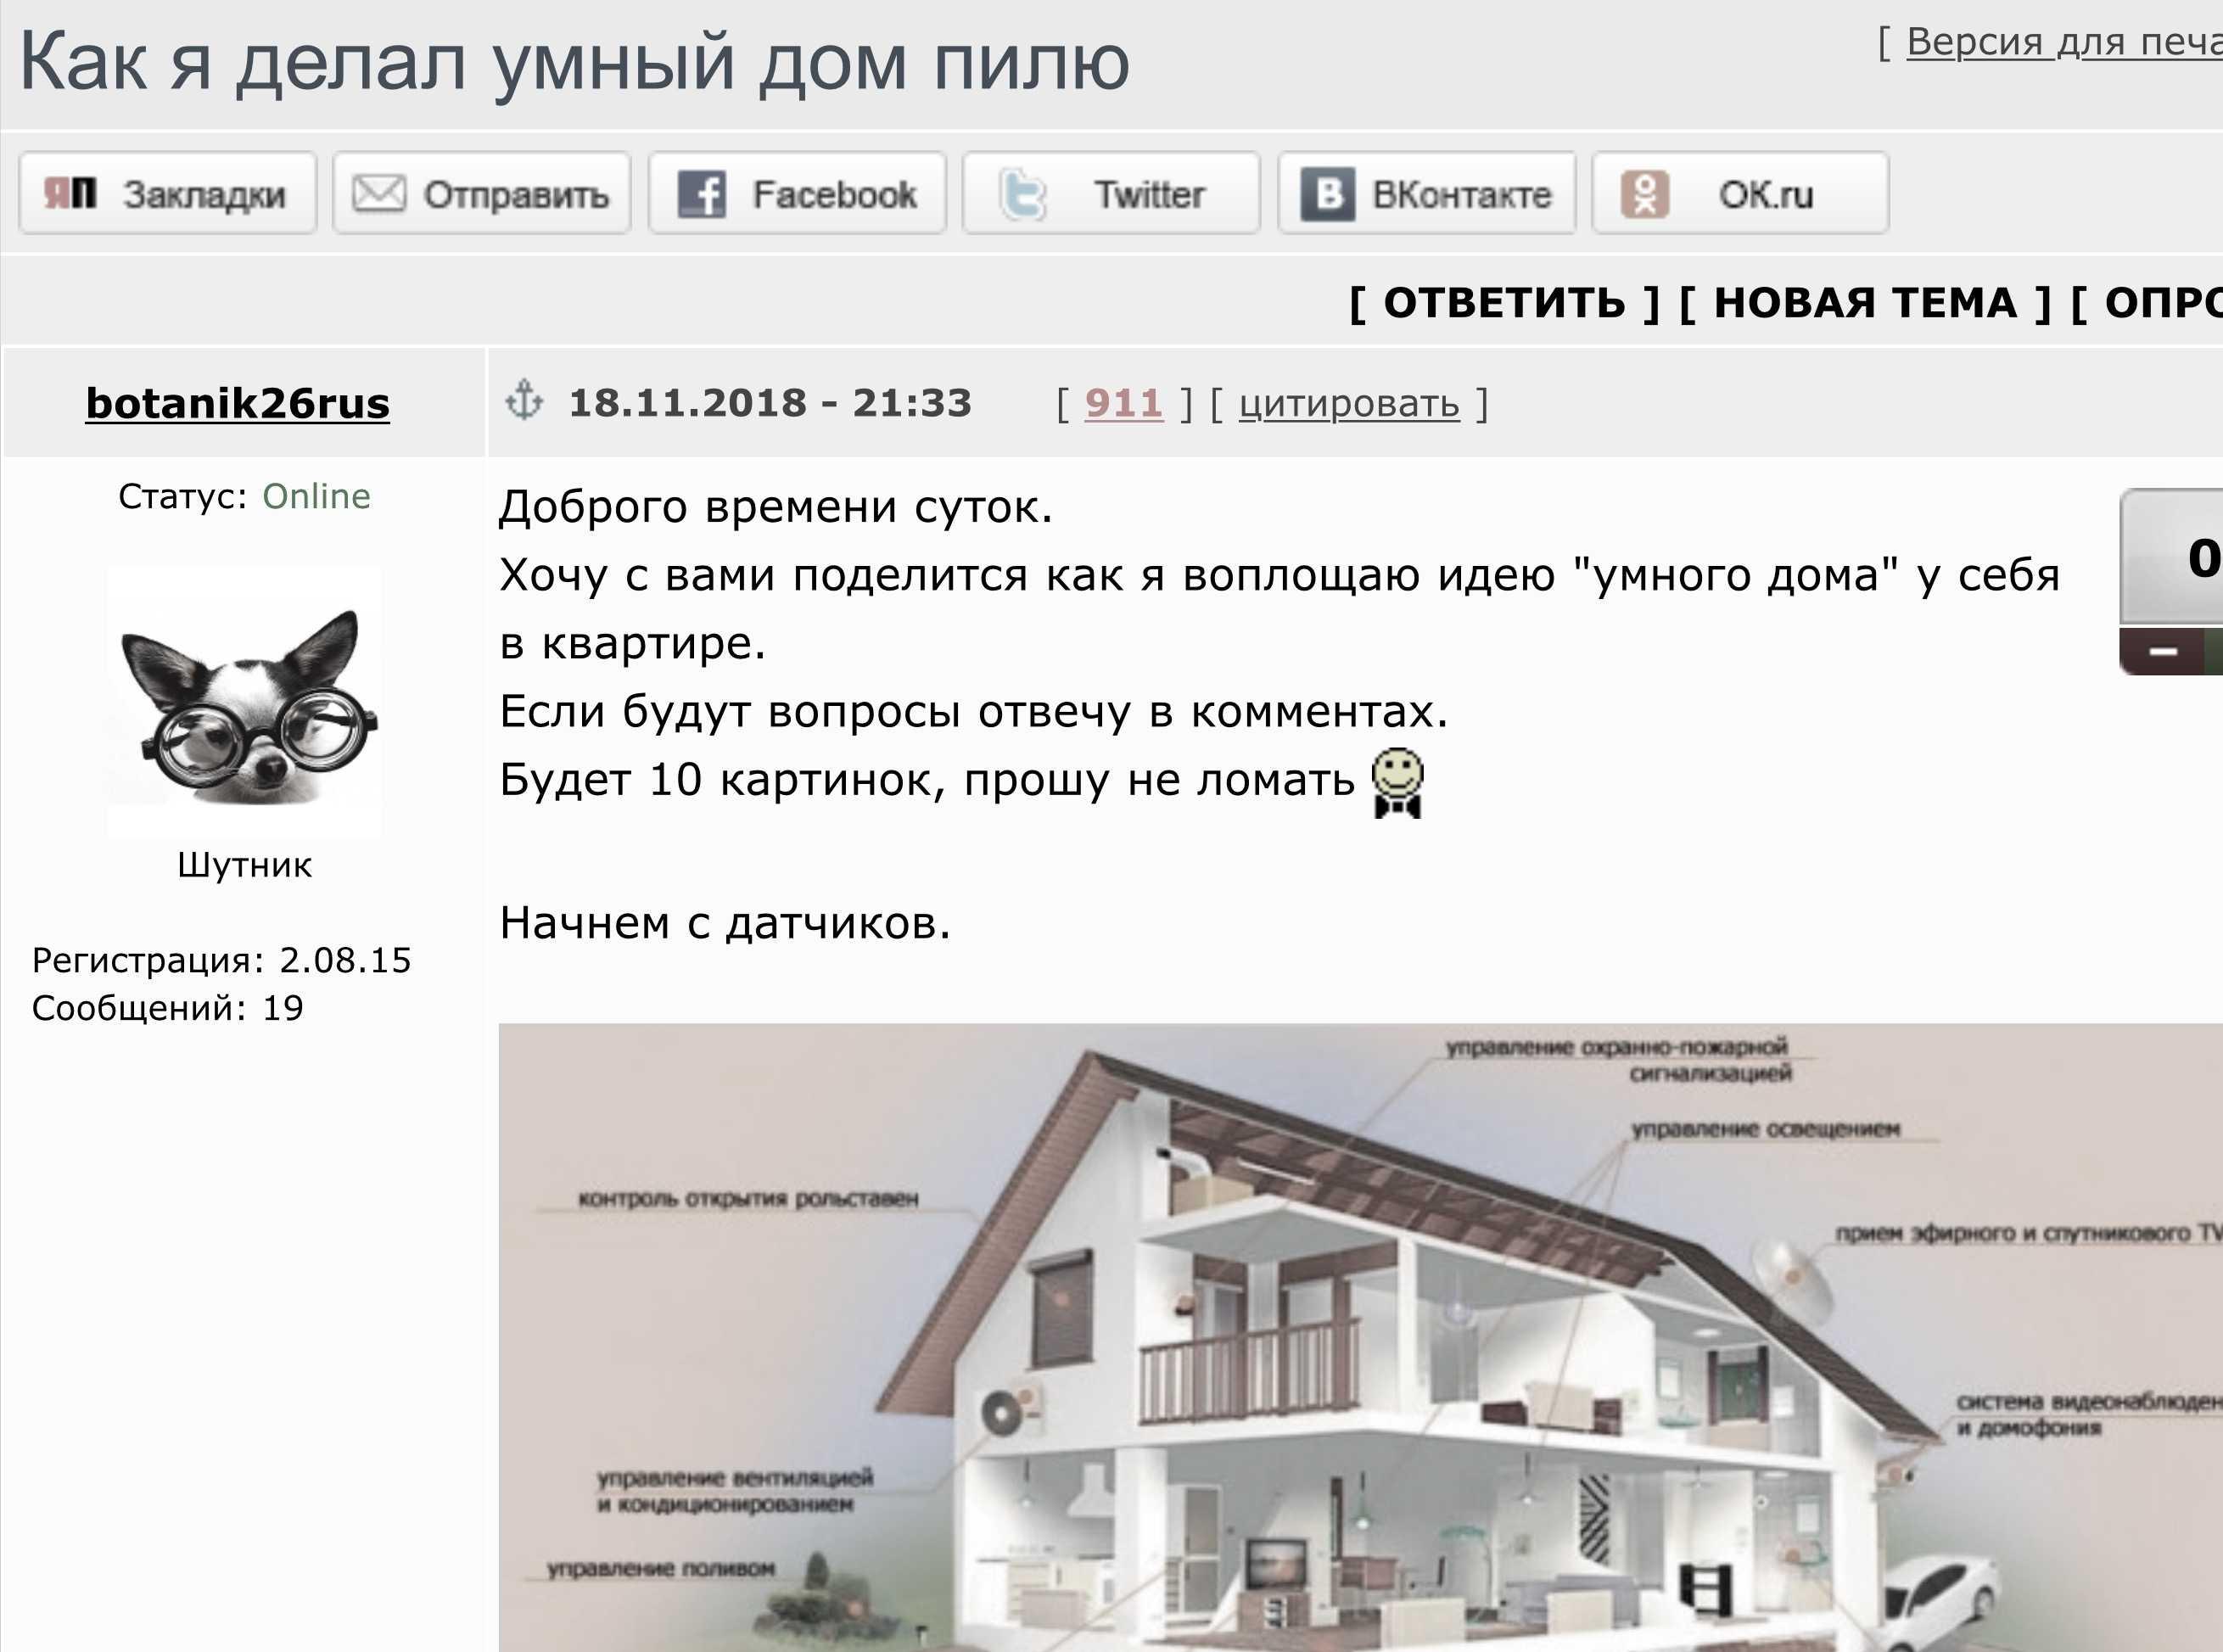 Яндекс алиса умный дом, устройство, настройка, как работает и возможности, как подключить, управление, совместимость с другими устройствам